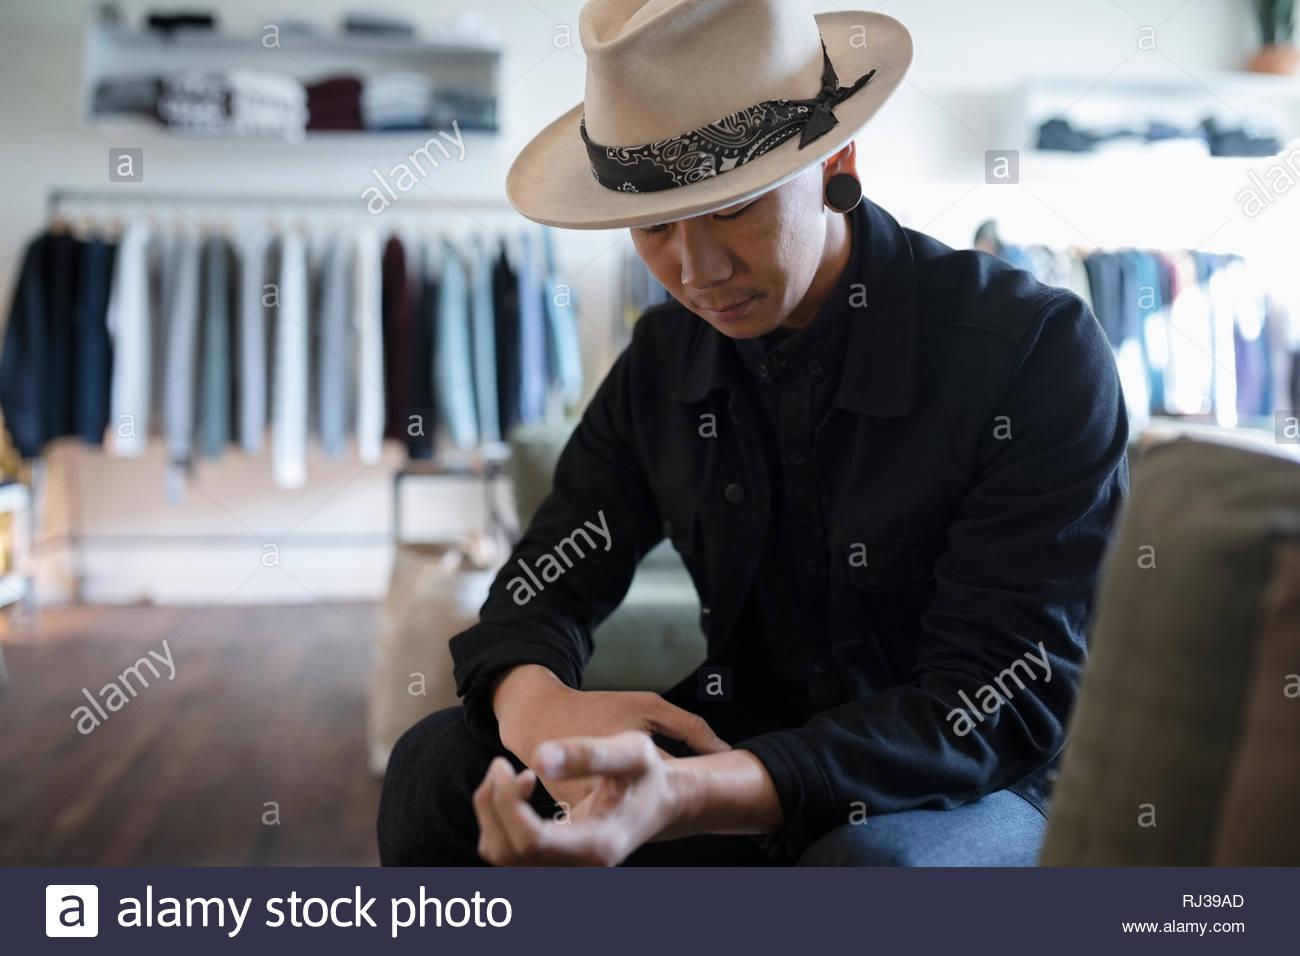 Hombre elegante en ropa tienda de ropa Imagen De Stock